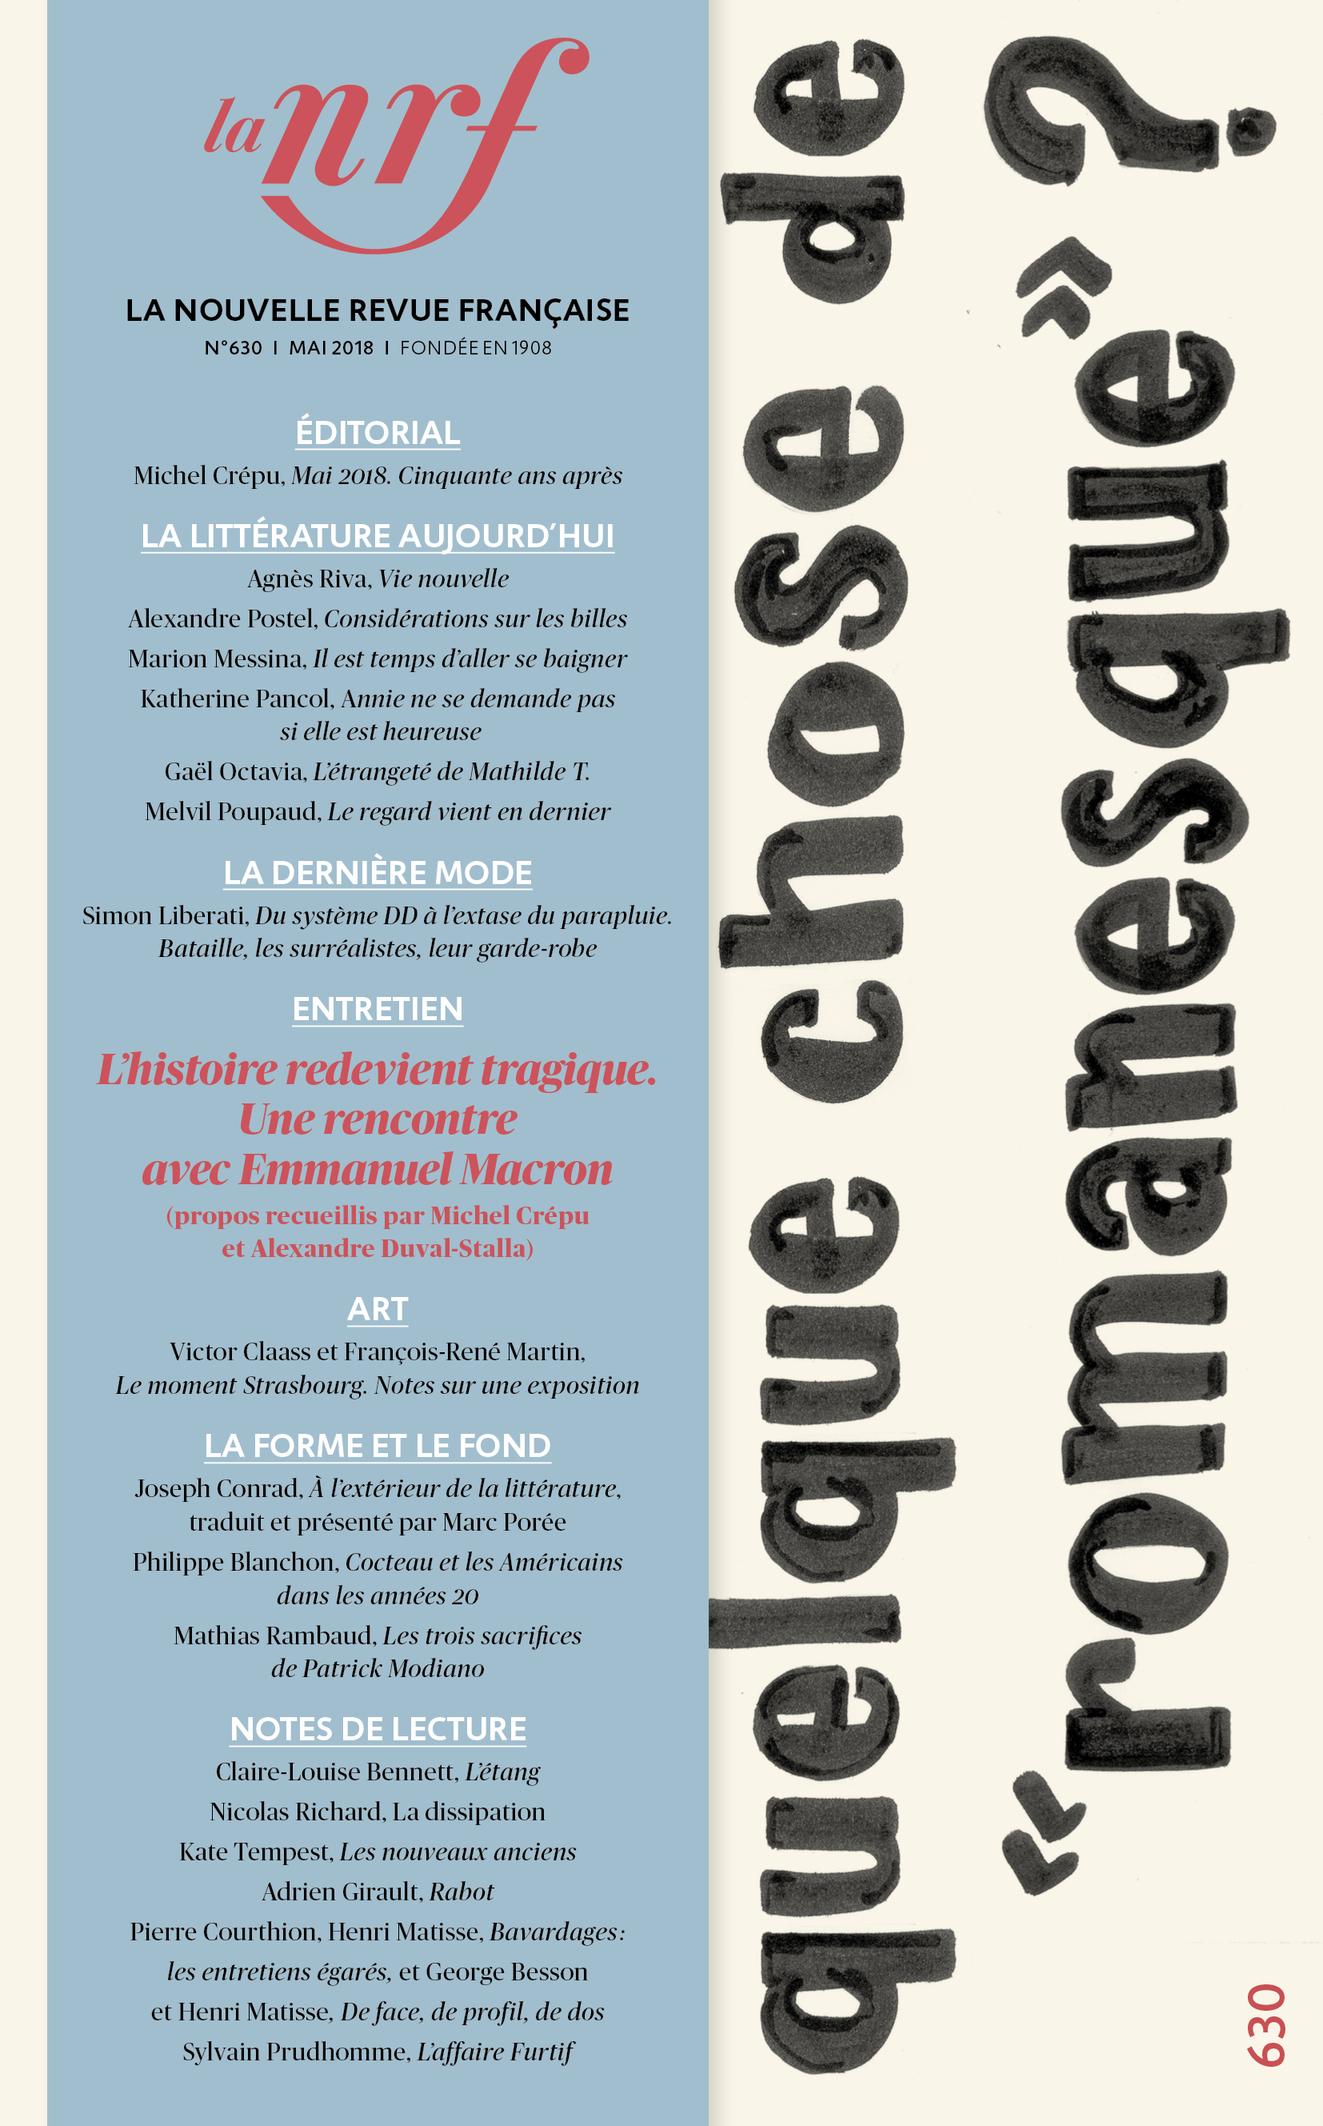 La Nouvelle revue française, n° 630, mai 2018